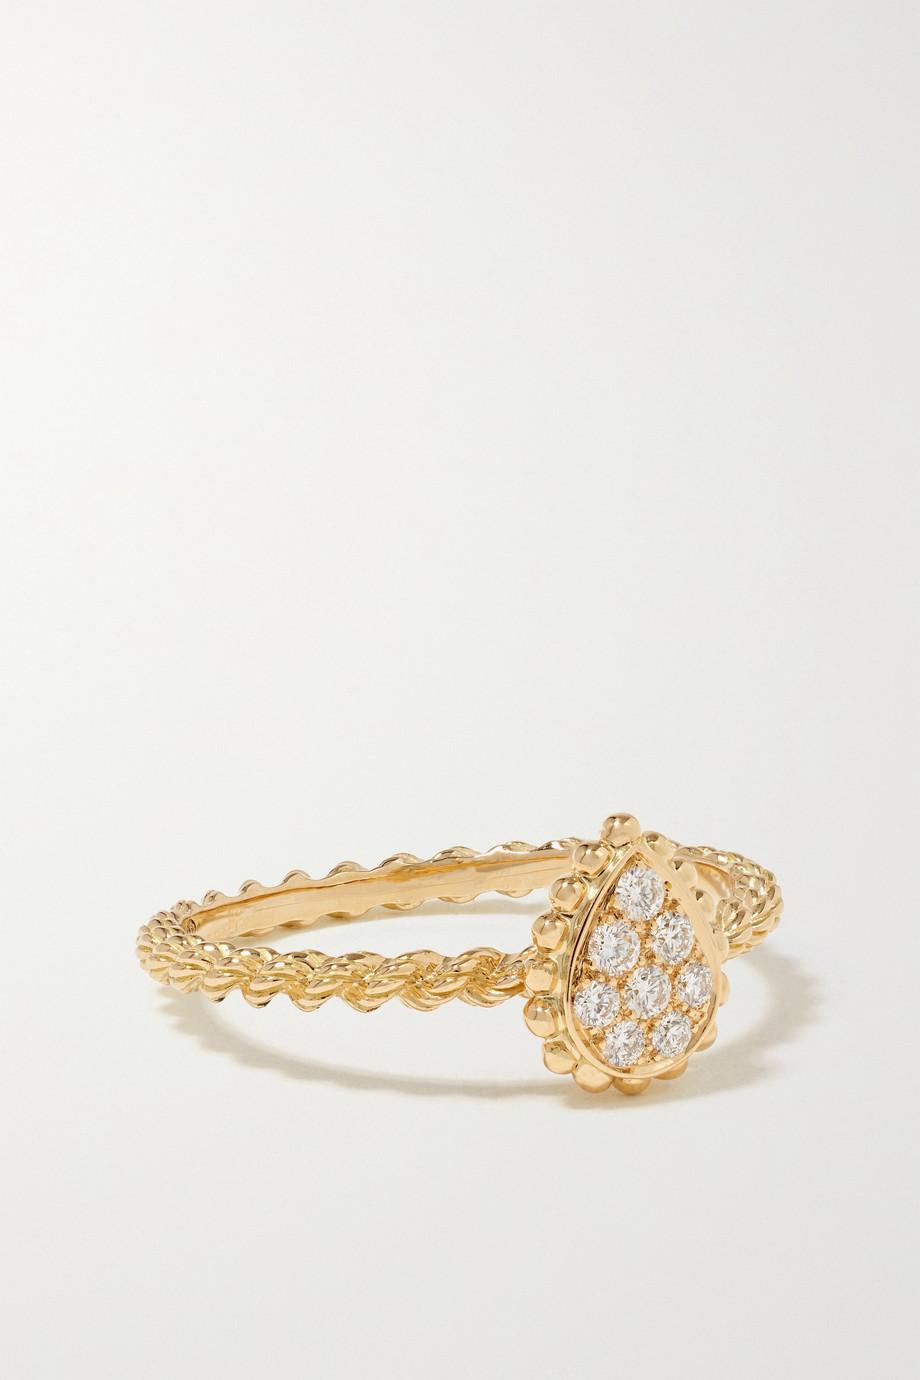 Boucheron Bague en or 18 carats et diamants Serpent Bohème